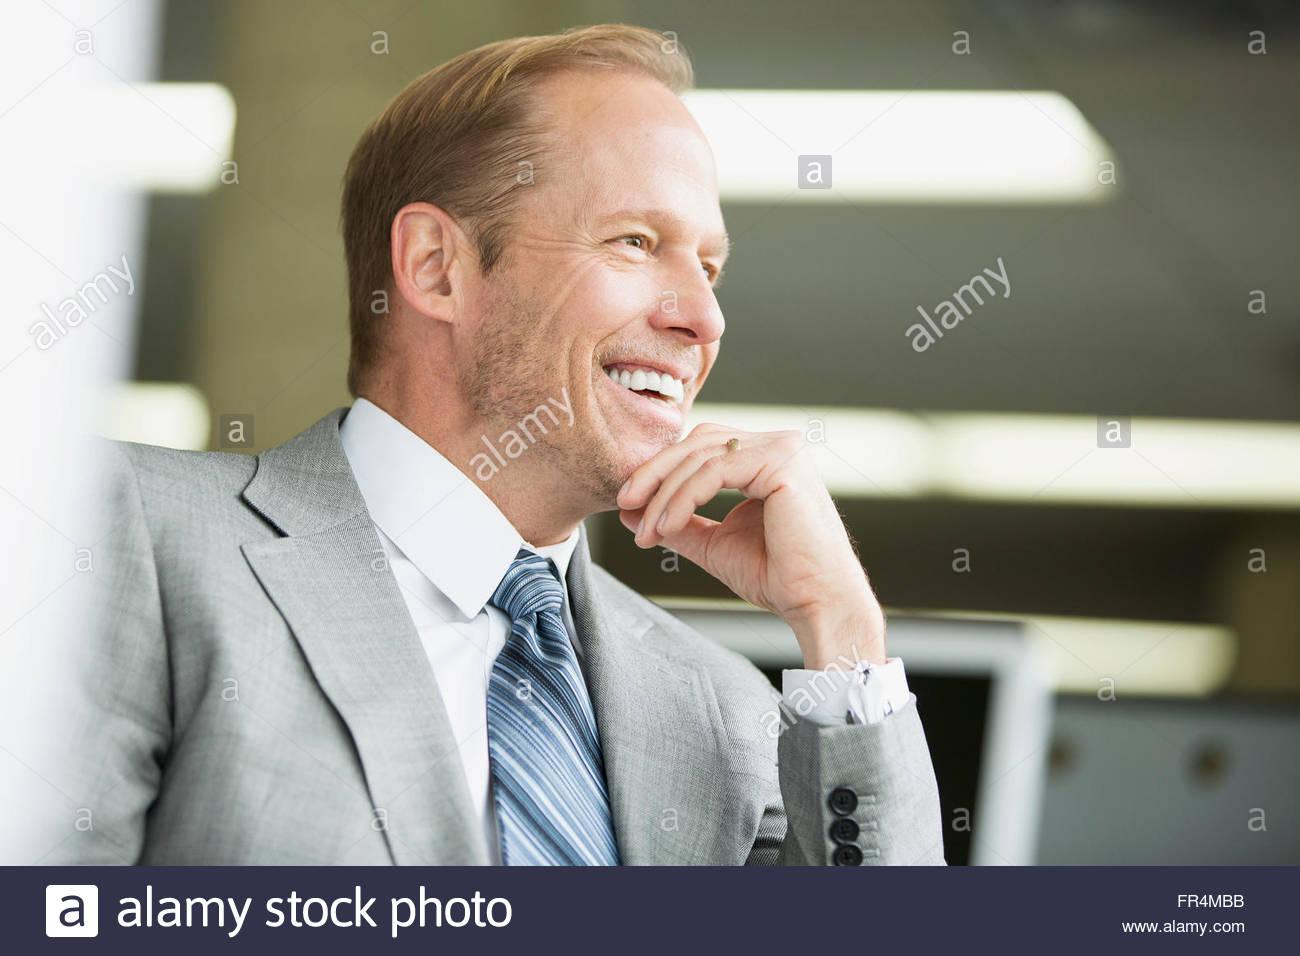 Empresario atractivo Relajado y sonriente en la oficina Imagen De Stock